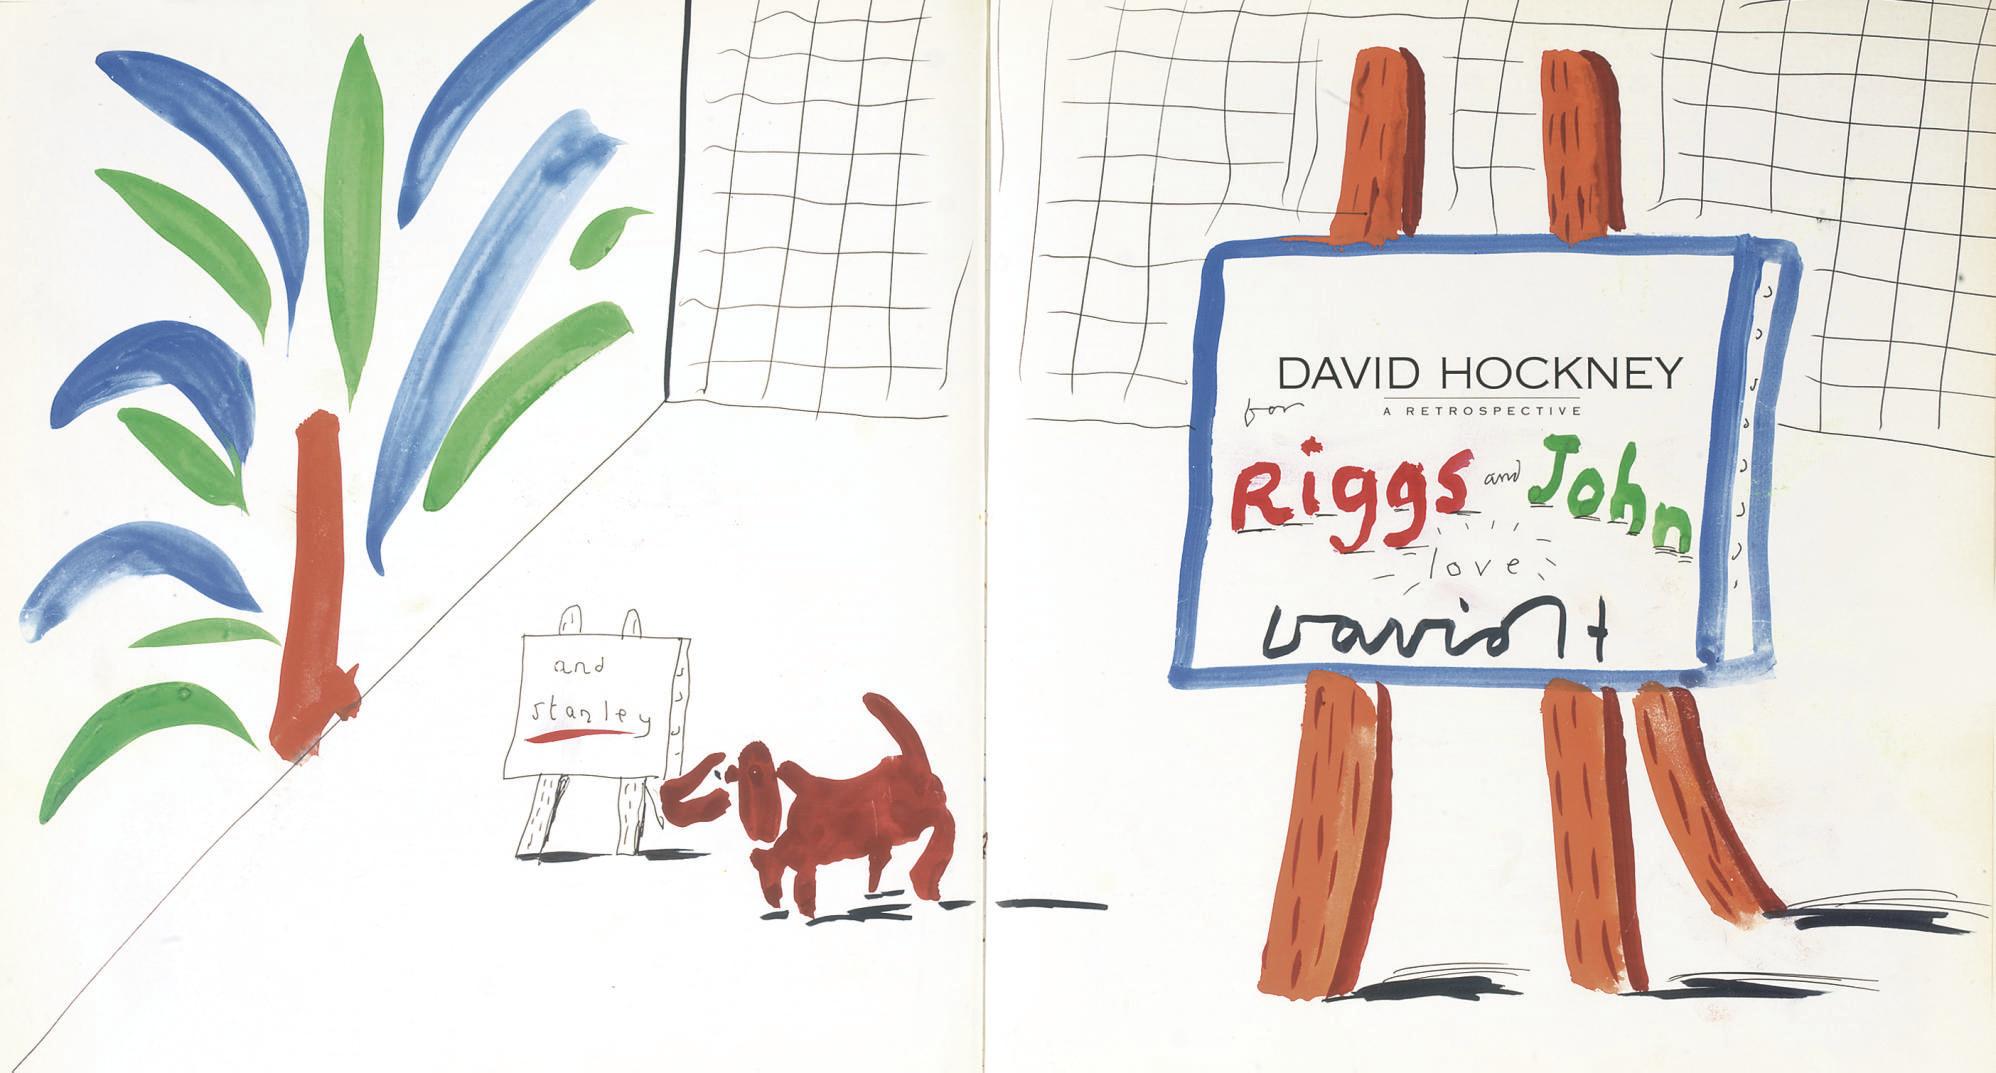 David Hockney, R.A. (b. 1937)